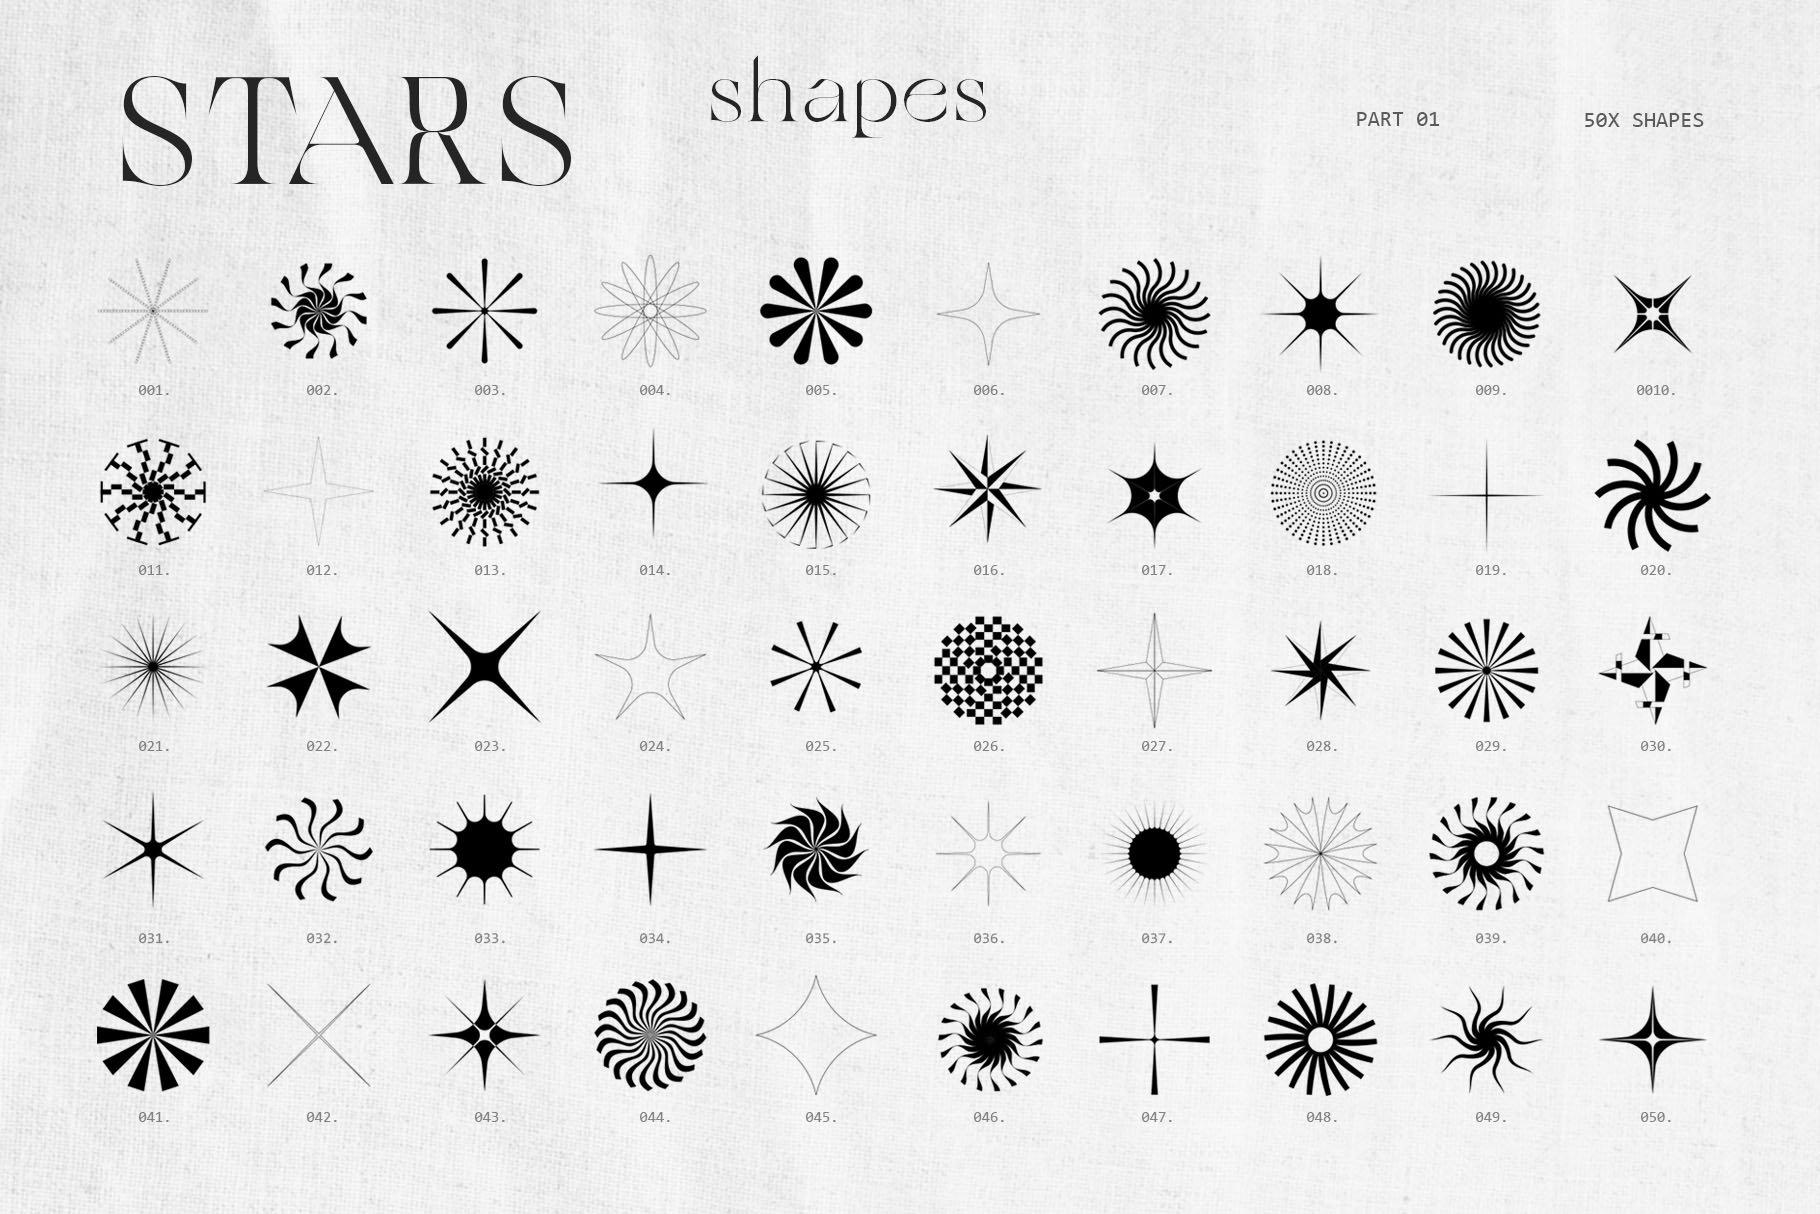 [淘宝购买] 潮流抽象几何形状渐变背景粗糙纹理海报背景设计素材套装 Inartflow – Shapes And Textures插图2